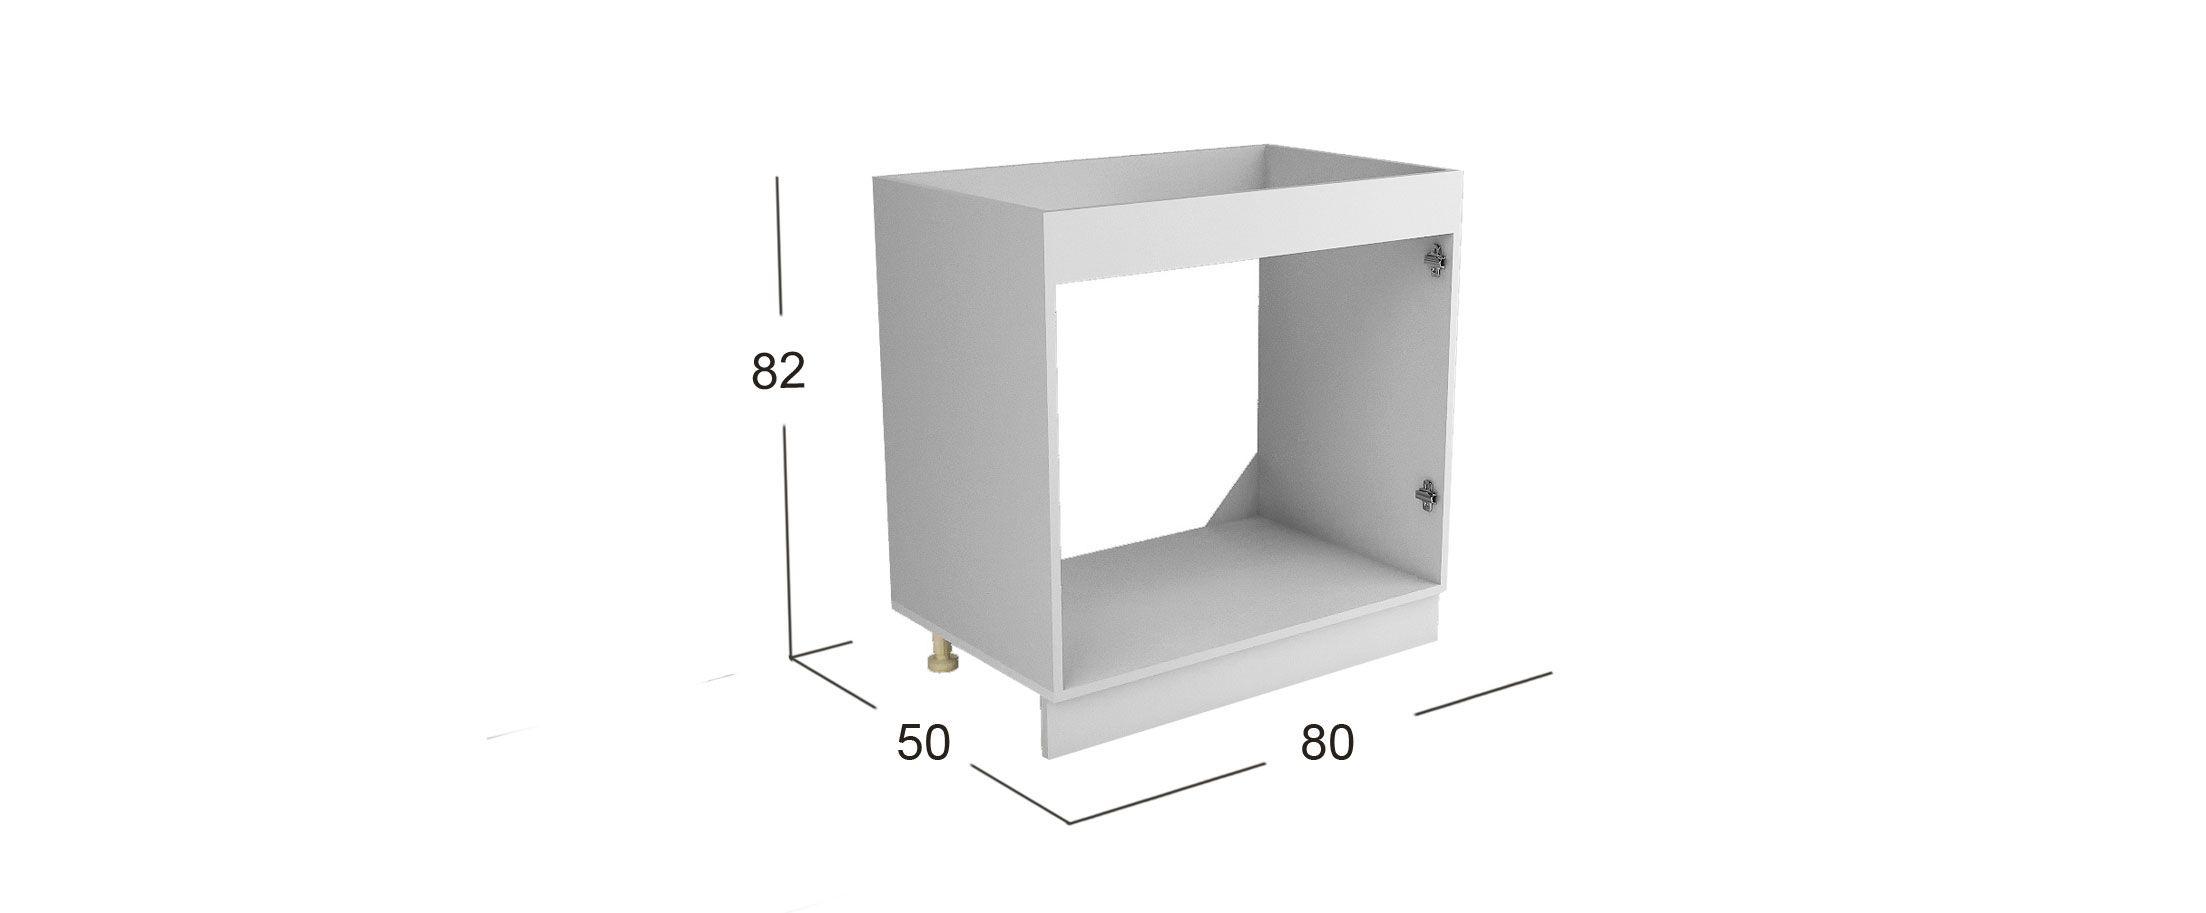 Кухня Корица 2,2 мКупить удобный и практичный набор кухонного гарнитура в интернет магазине MOON TRADE. Быстрая доставка, вынос упаковки, гарантия! Выгодная покупка!<br><br>Ширина см: 220<br>Глубина см: 60<br>Высота см: 82<br>Материал столешницы: ЛДСП с пленкой ПВХ<br>Цвет столешницы: Асфальт белый<br>Материал фасада: МДФ<br>Цвет фасада: Ваниль глянец, Корица глянец<br>Материал корпуса: ЛДСП<br>Тип направляющих: Роликовые<br>Цвет корпуса: Белый